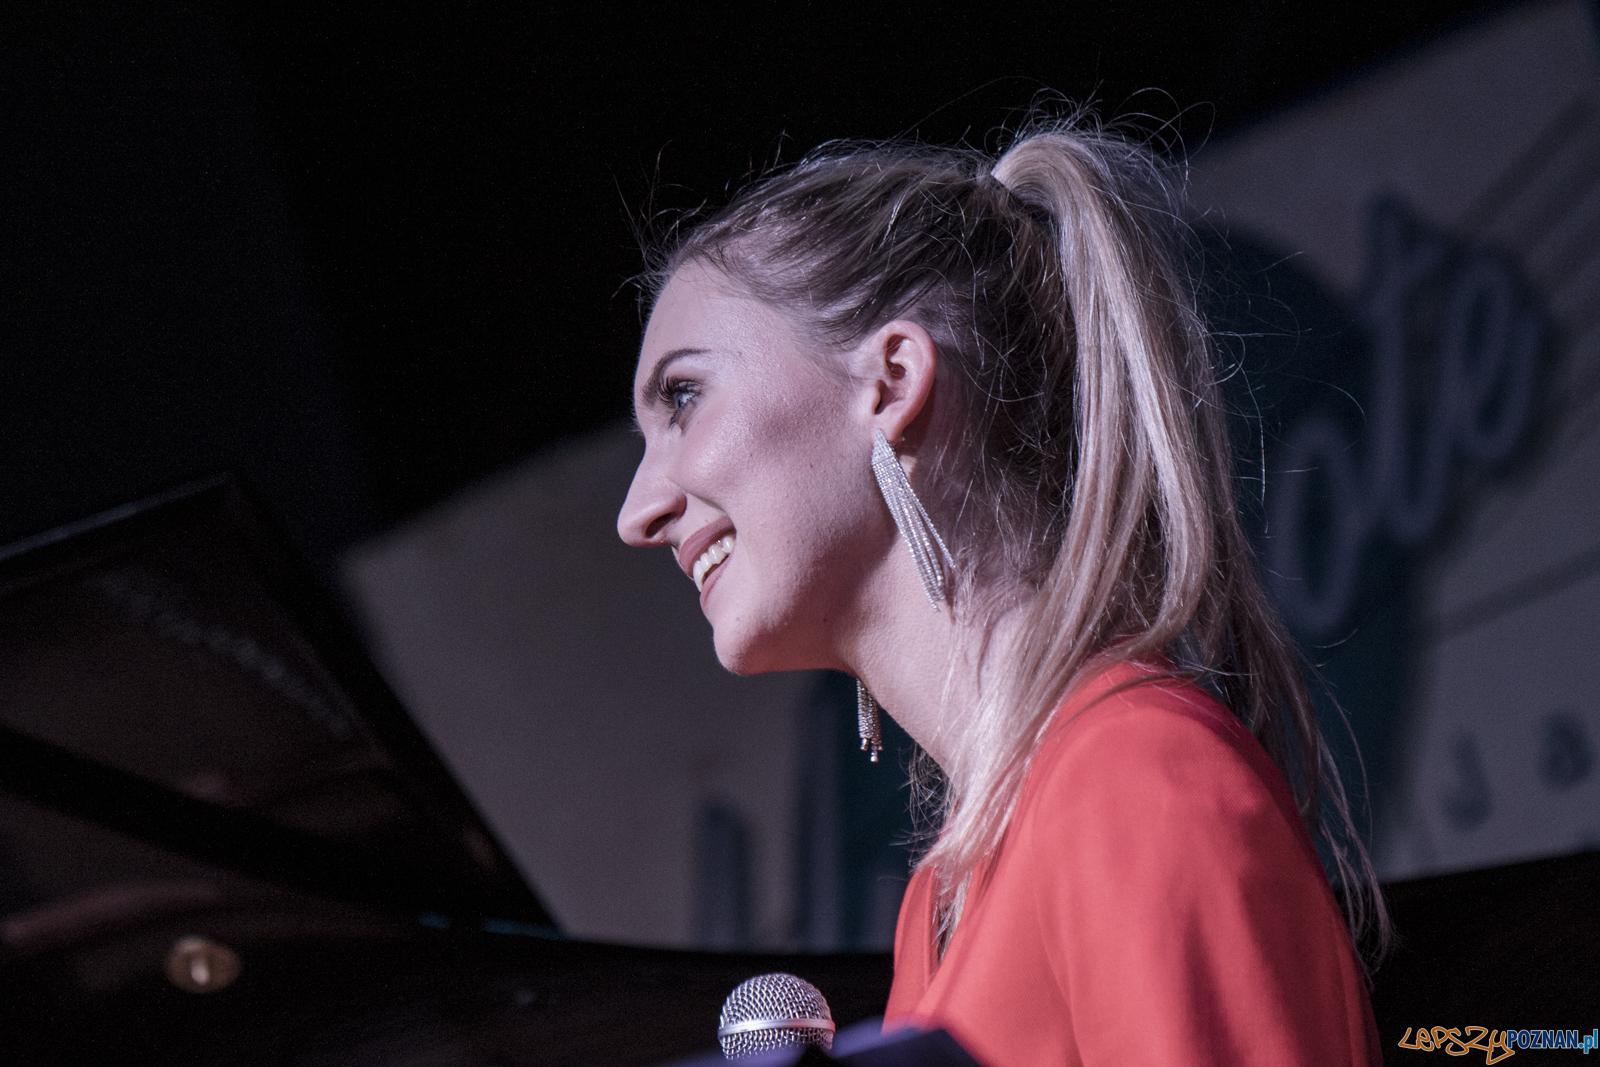 Judyta Pisarczyk - Lady In Jazz: Ella Fitzgerald and more  Foto: lepszyPOZNAN.pl / Ewelina Jaśkowiak